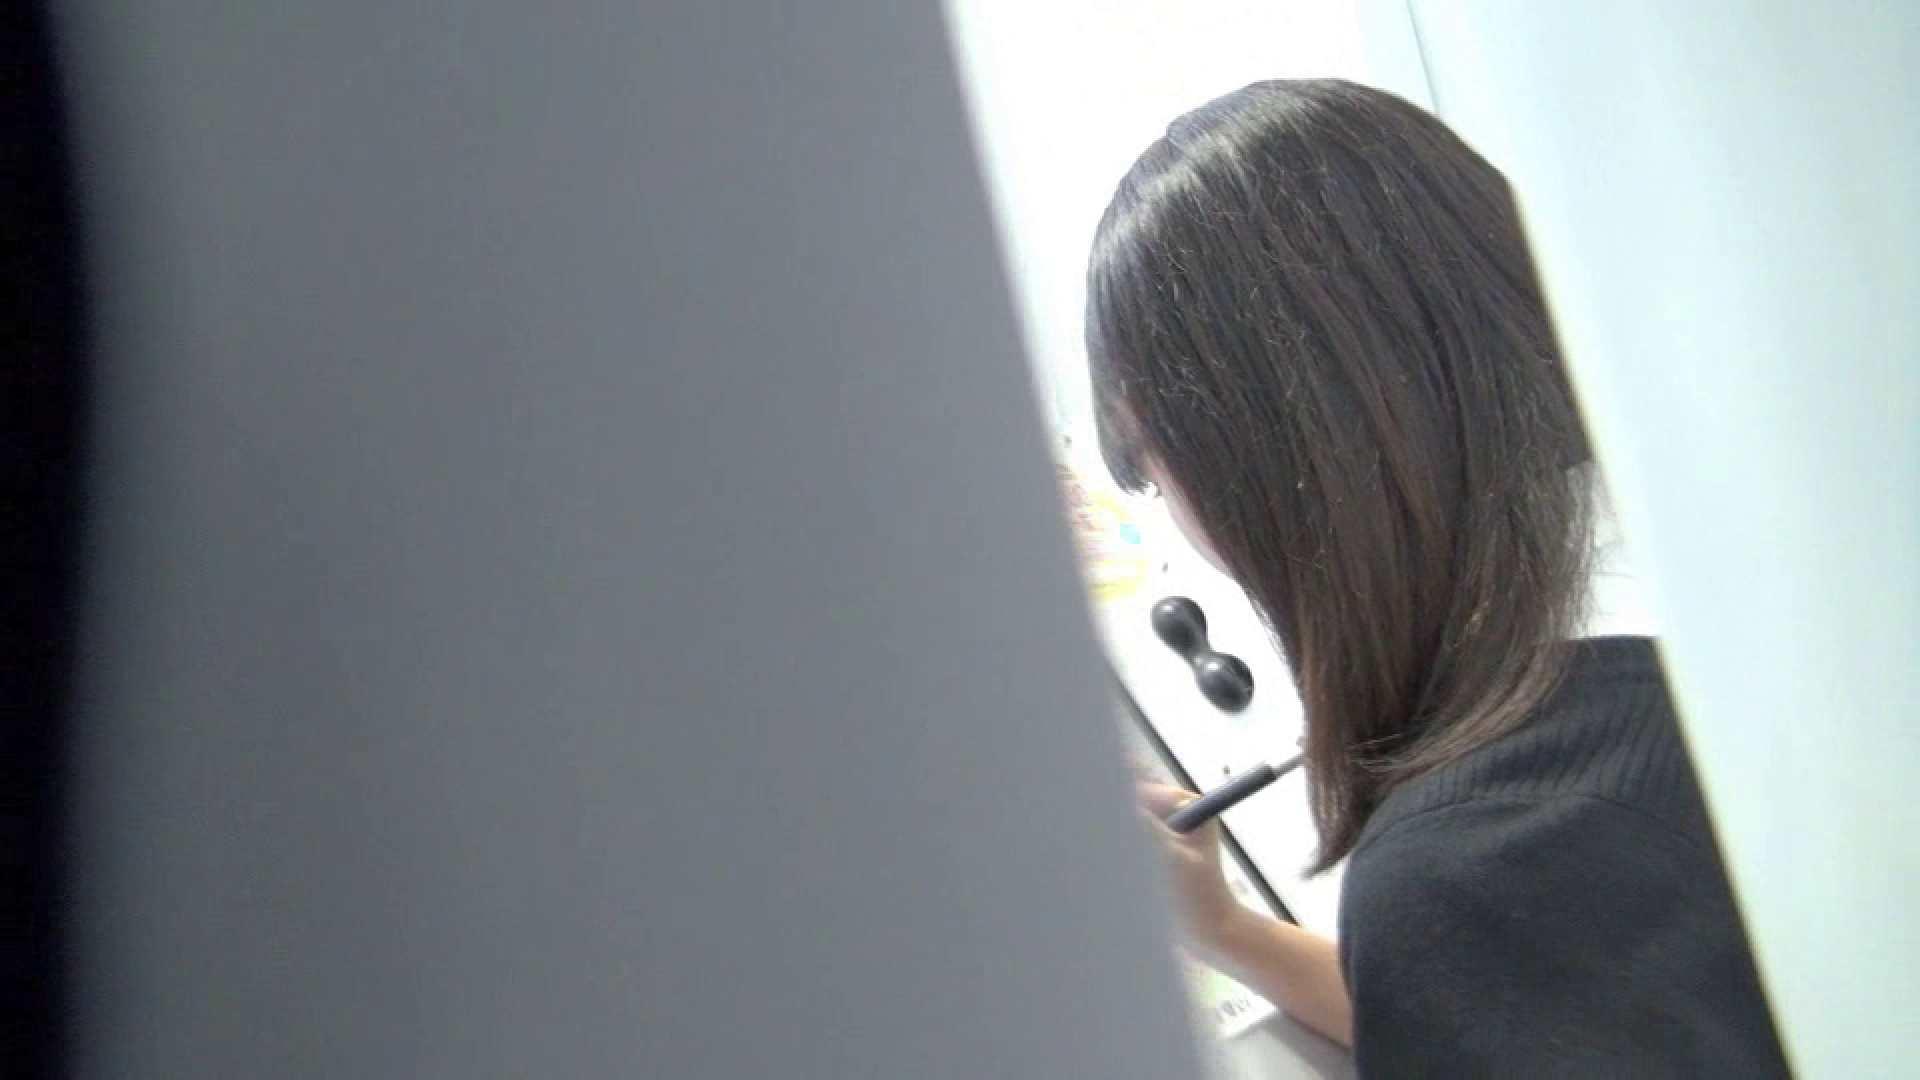 現役ギャル盗撮師 hana様のプリクラ潜入!制服Pチラ!Vol.6 潜入 おまんこ動画流出 83PIX 14